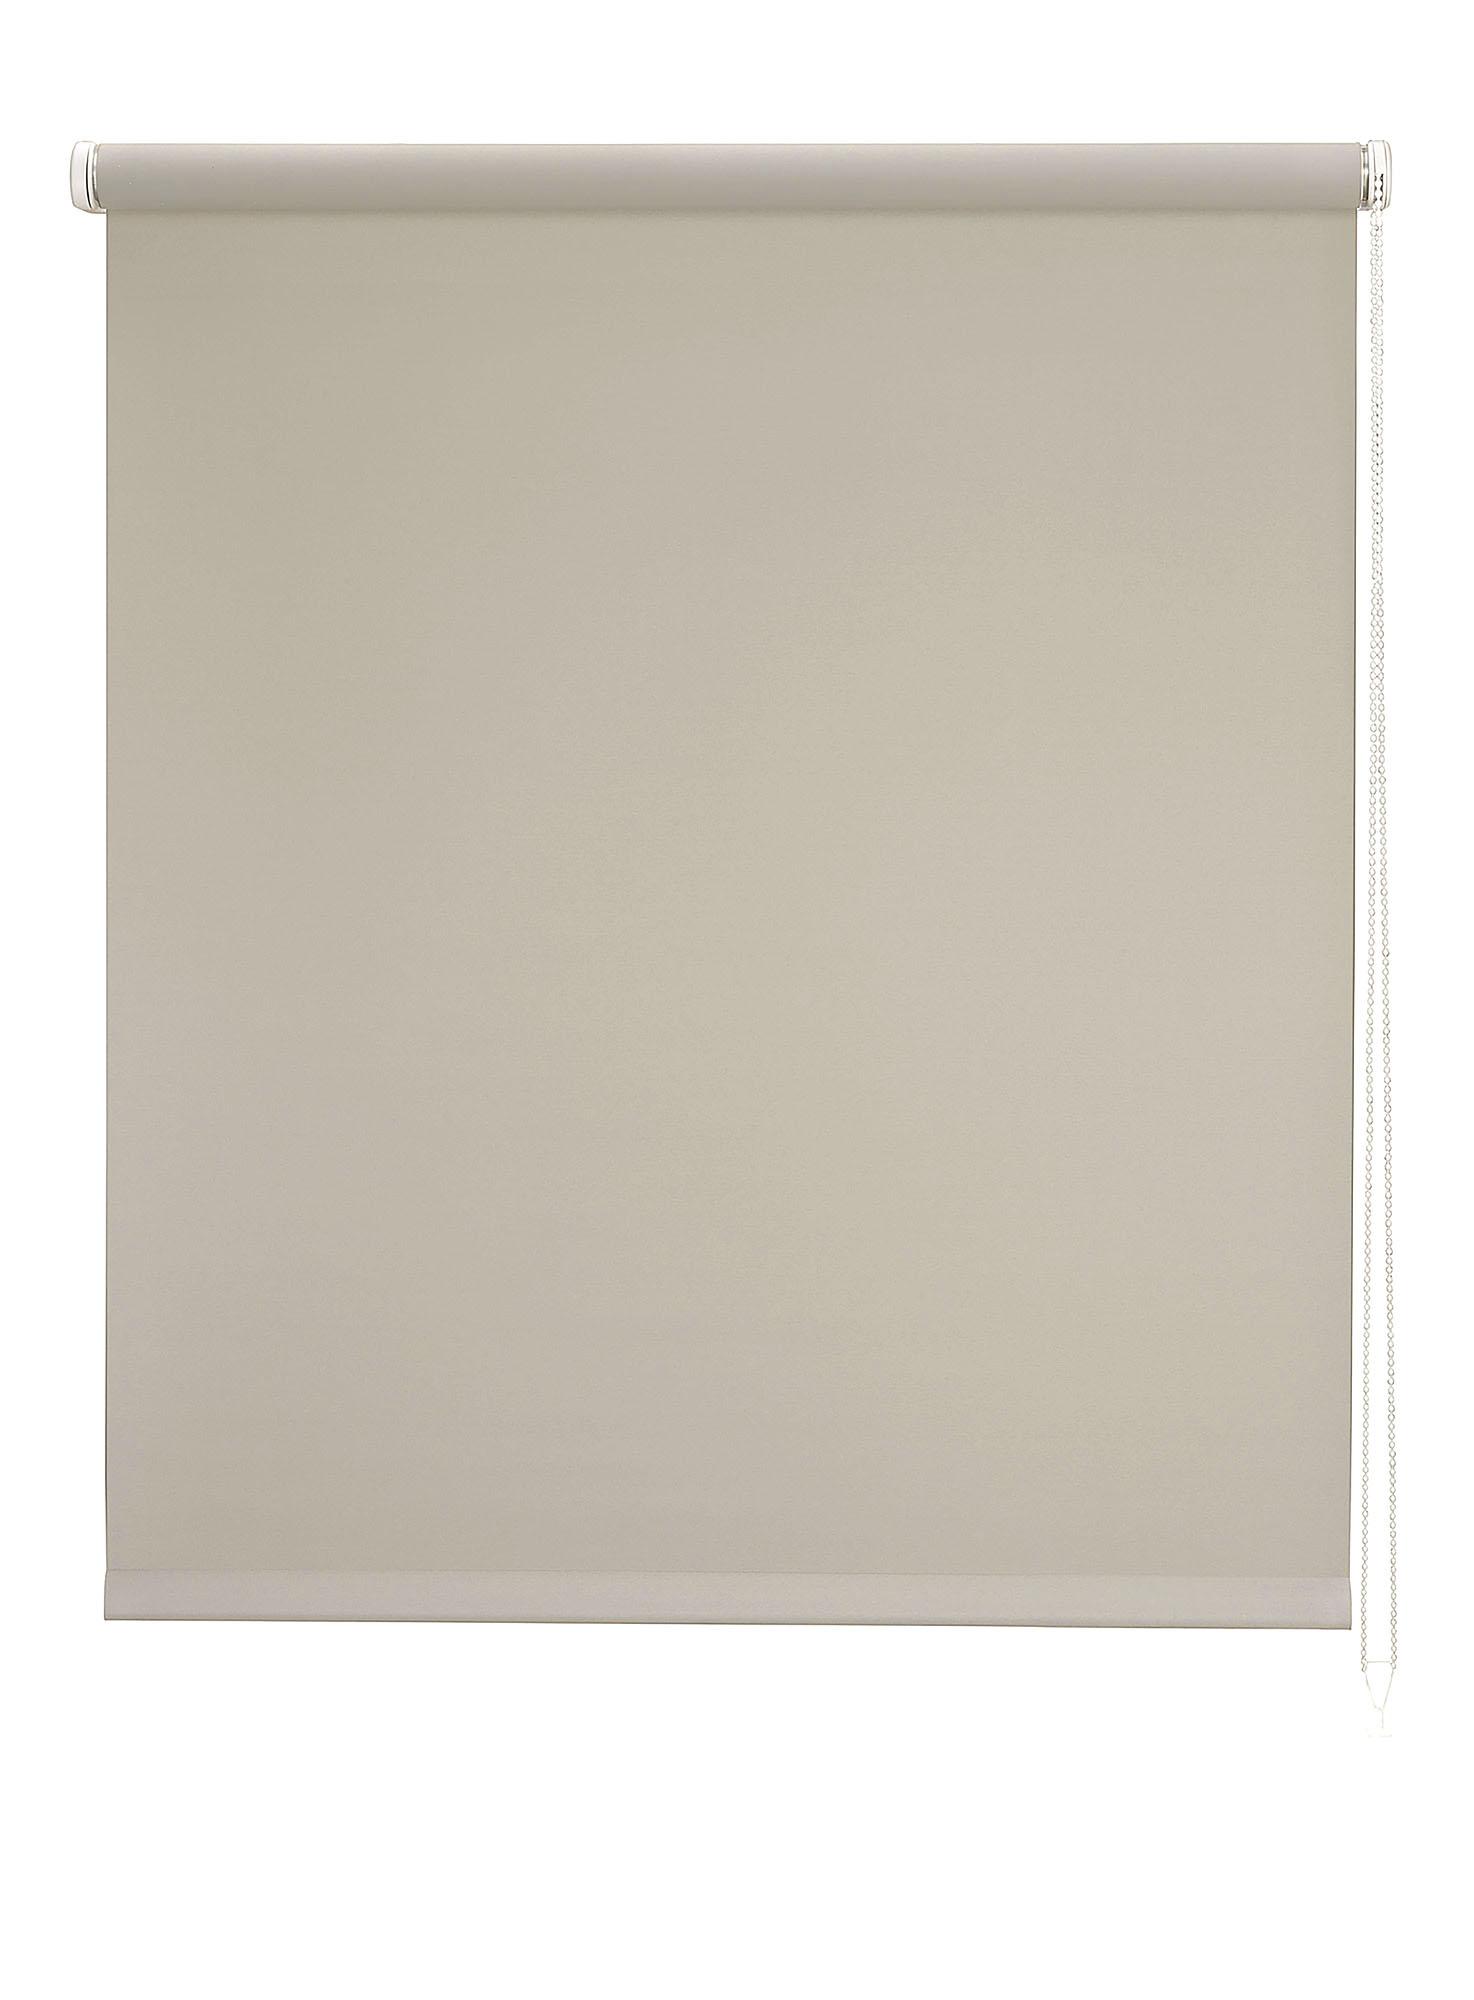 Store enrouleur Translucide - Beige - 90 x 250 cm